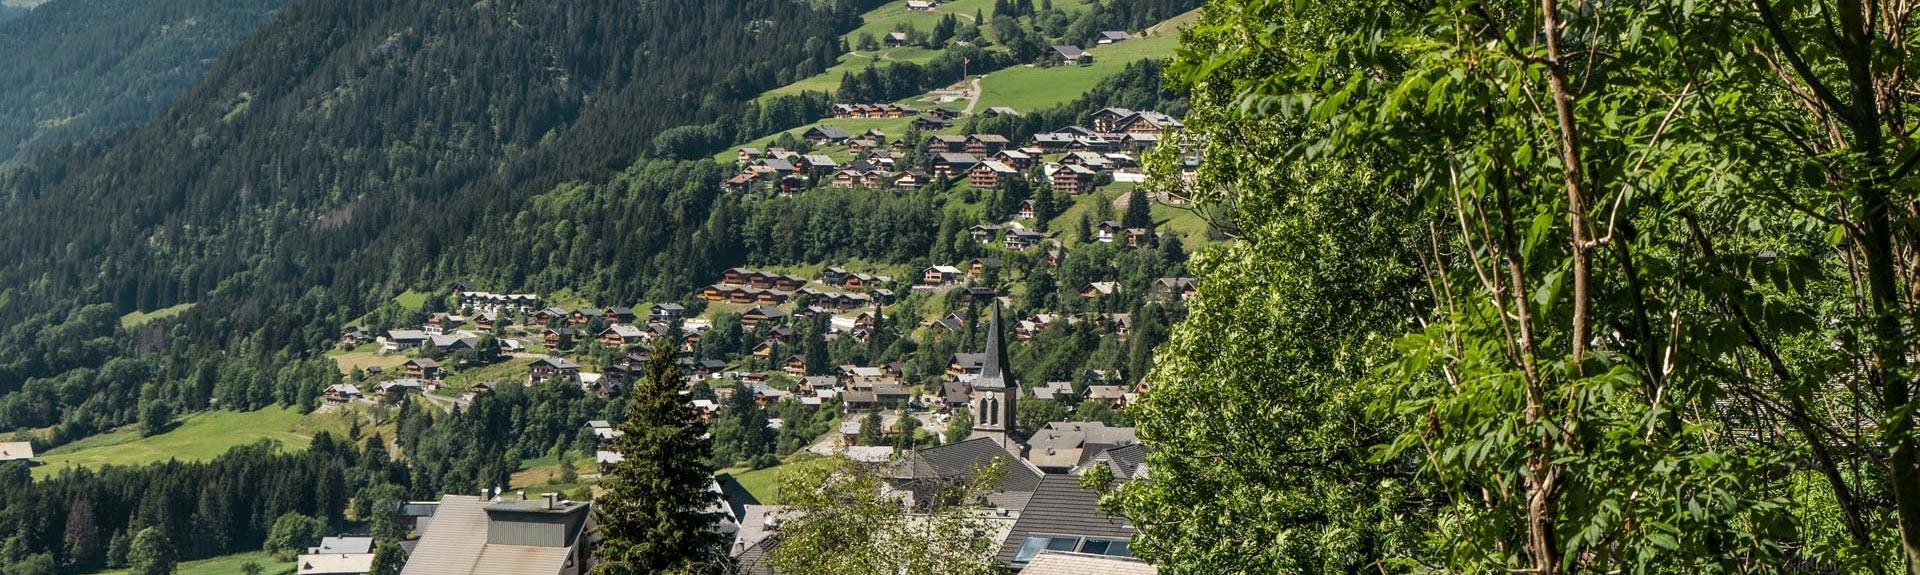 village-ete-4-8545